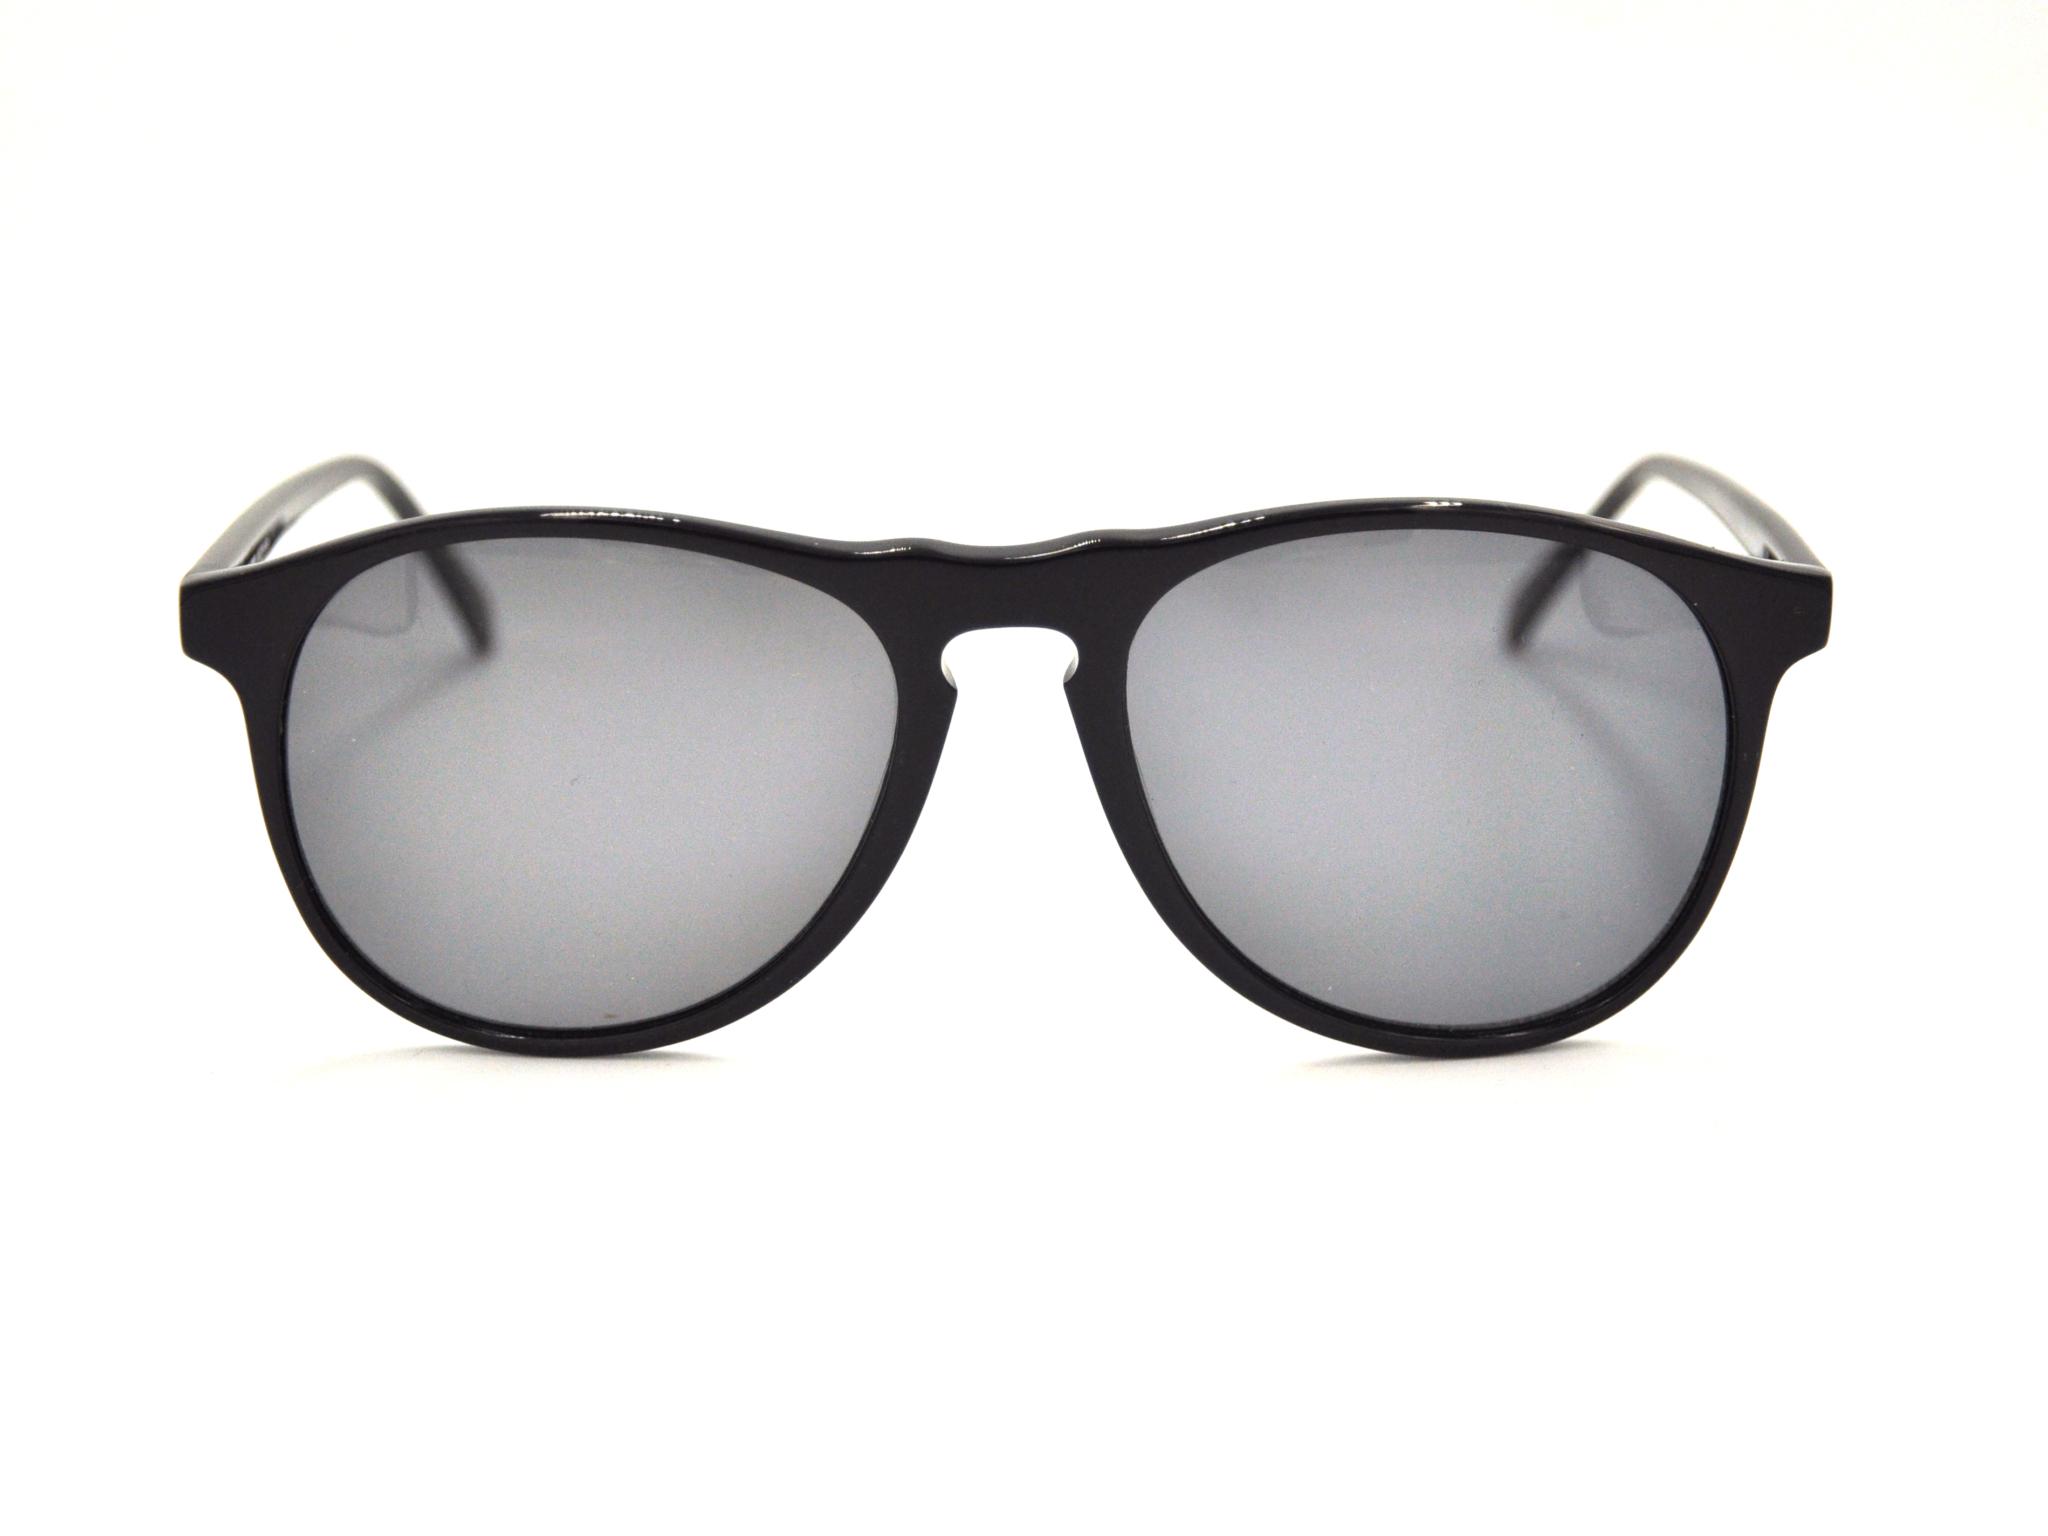 Γυαλιά ηλίου RIDLEY RD6357 RK01 Πειραιάς